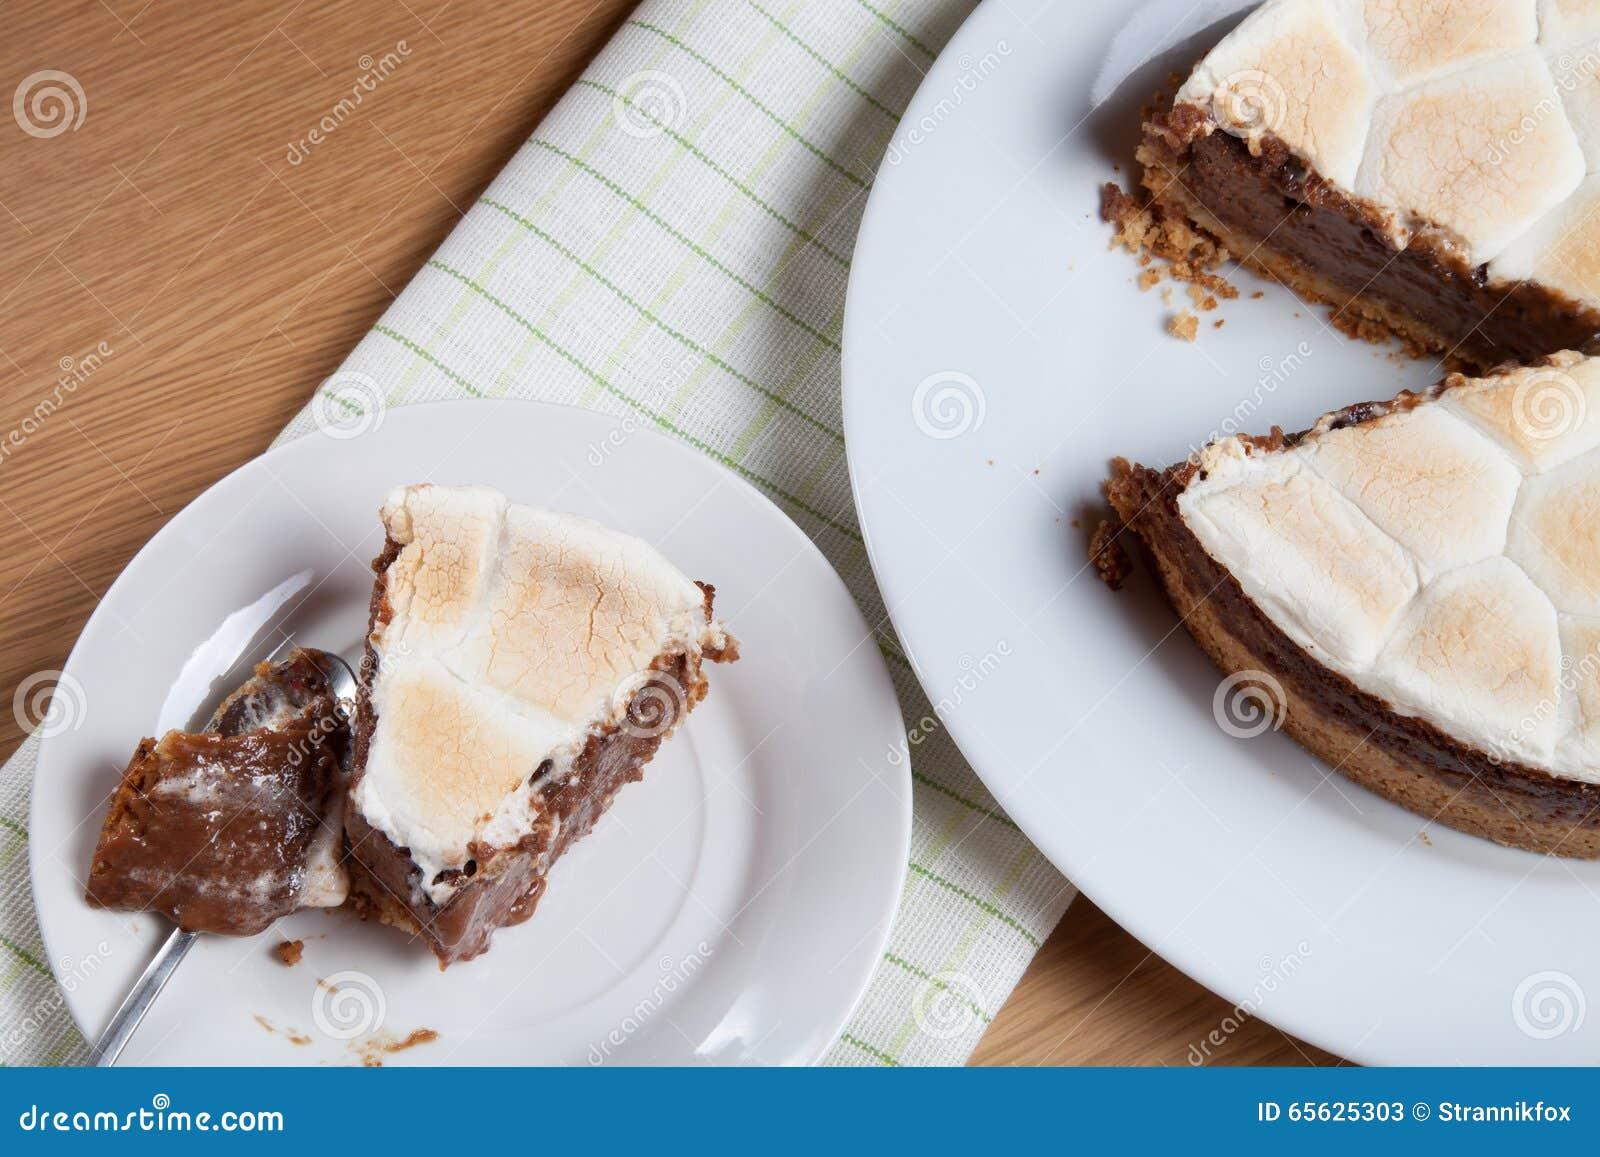 Gâteau doux avec du chocolat sur une table en bois légère